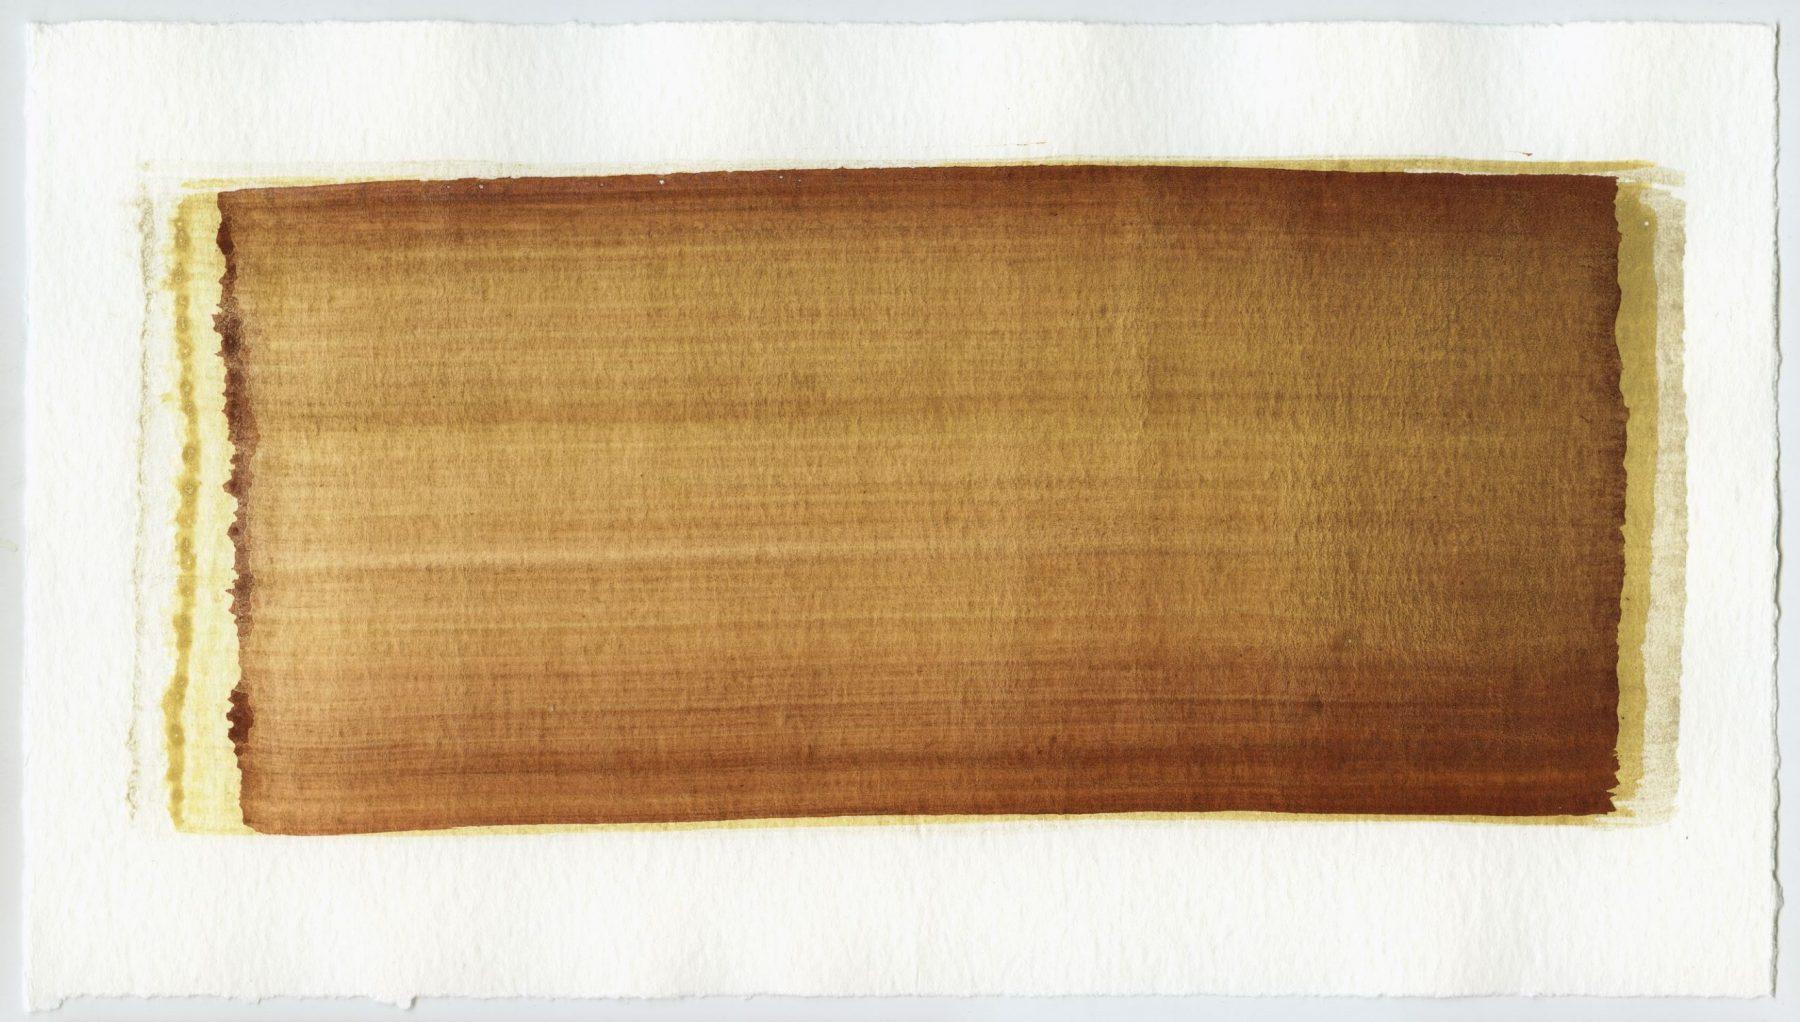 Brush stroke no. 47 - Selfmade pigment: Perekker grijs gebrand, Mortelse oker, Mortelse oker gebrand